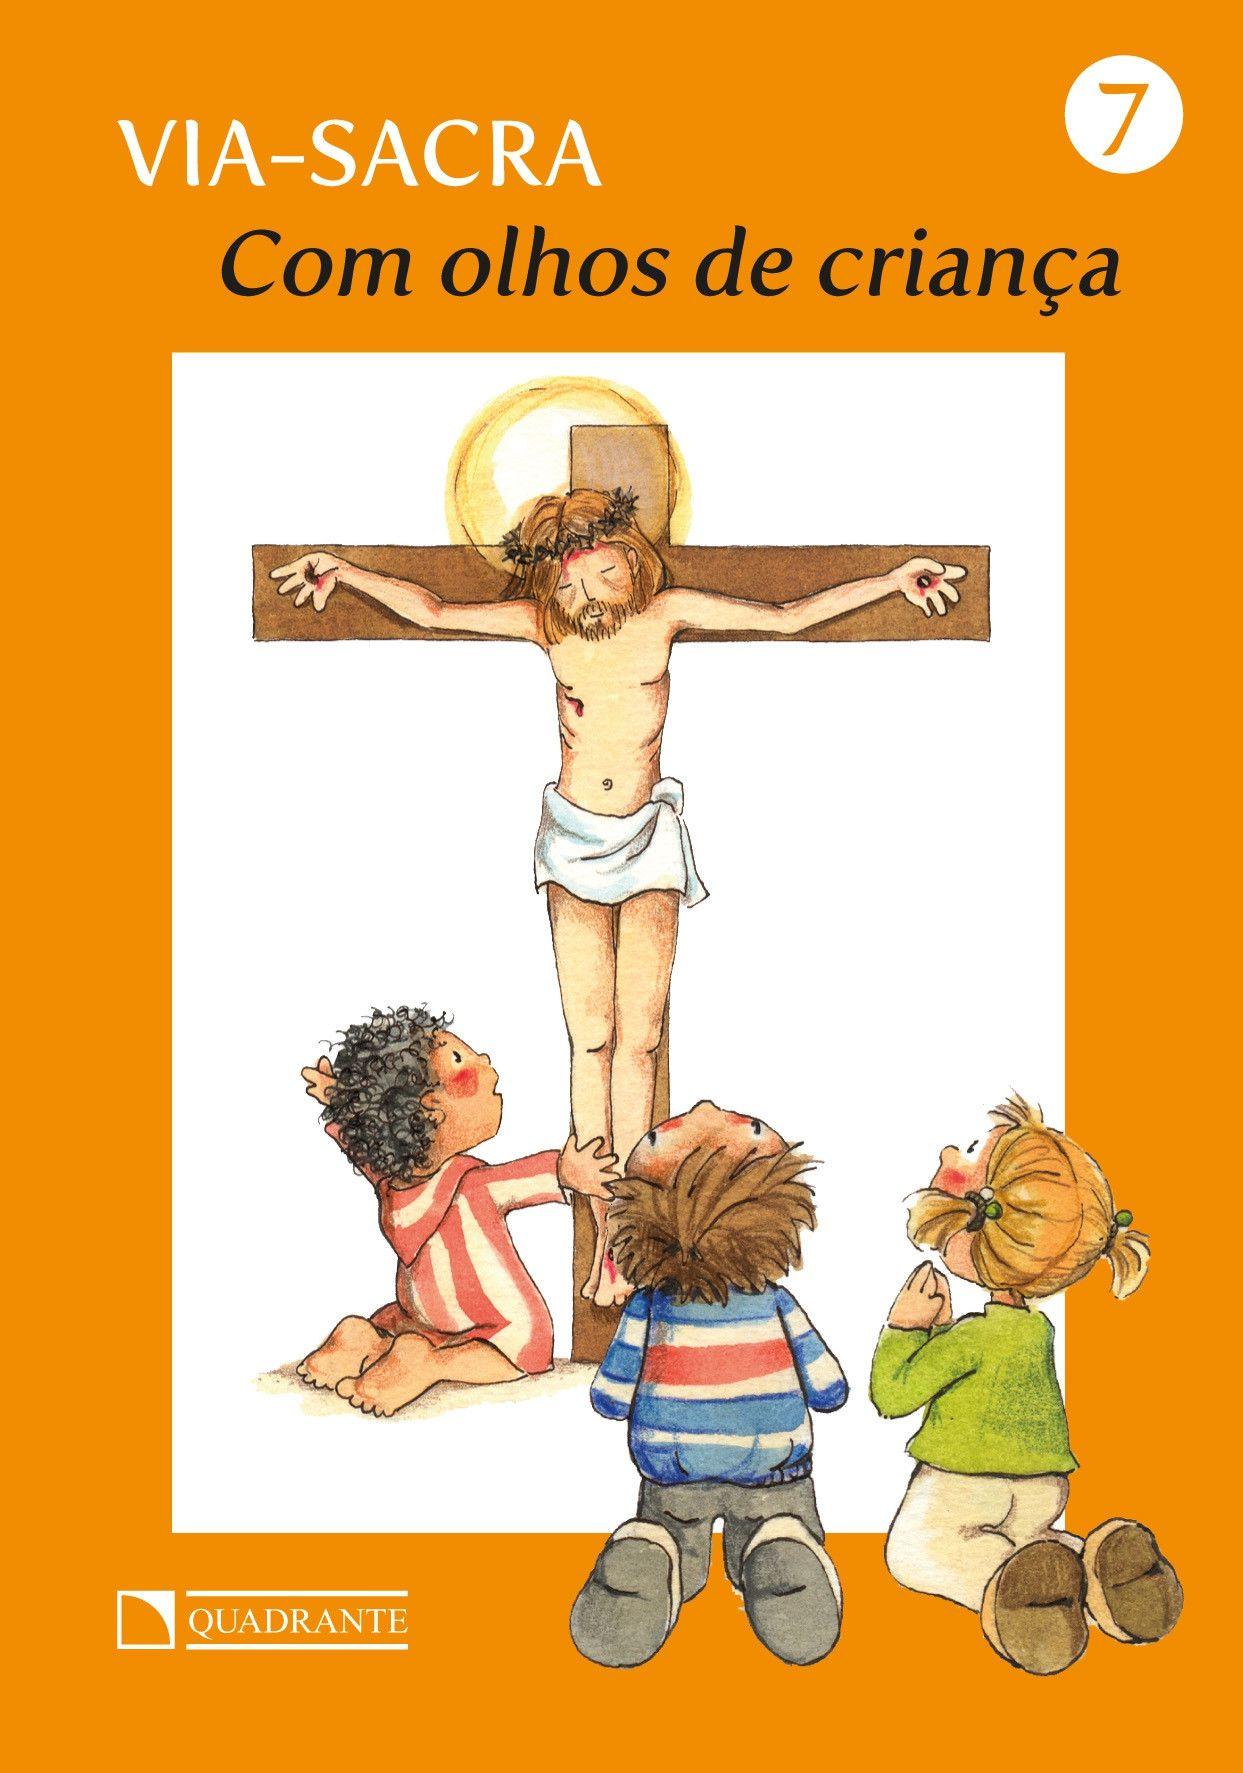 Livro Com olhos de criança - Via-Sacra - 7